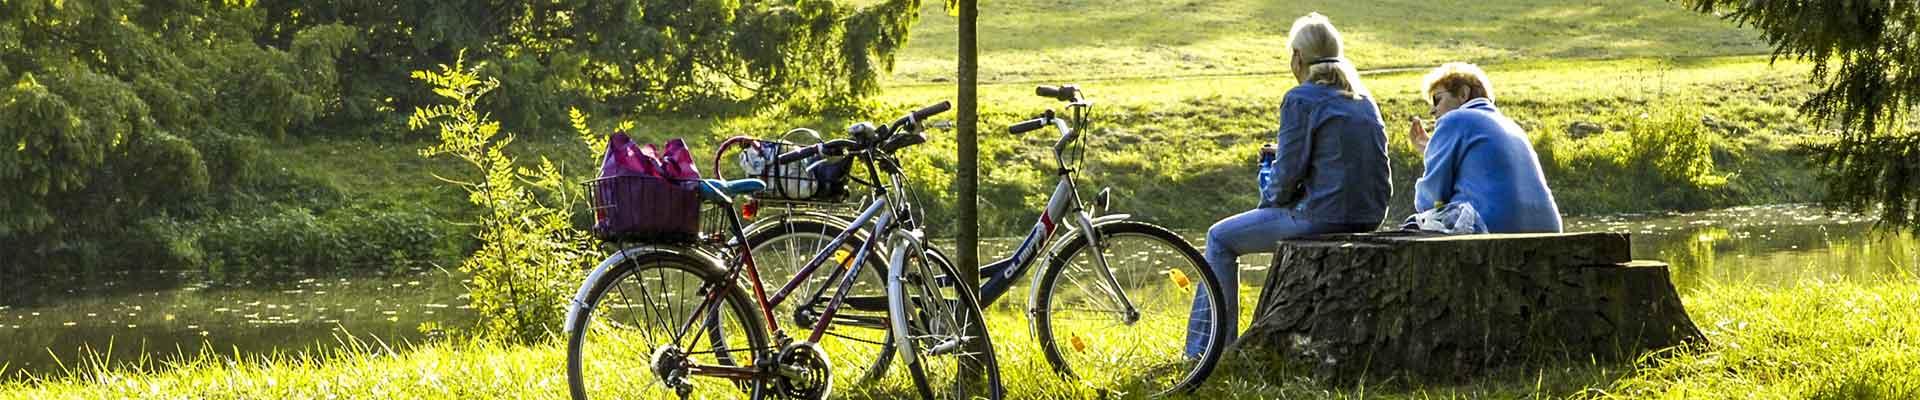 Radausflug im Schmidatal - Radweg der Burgunder